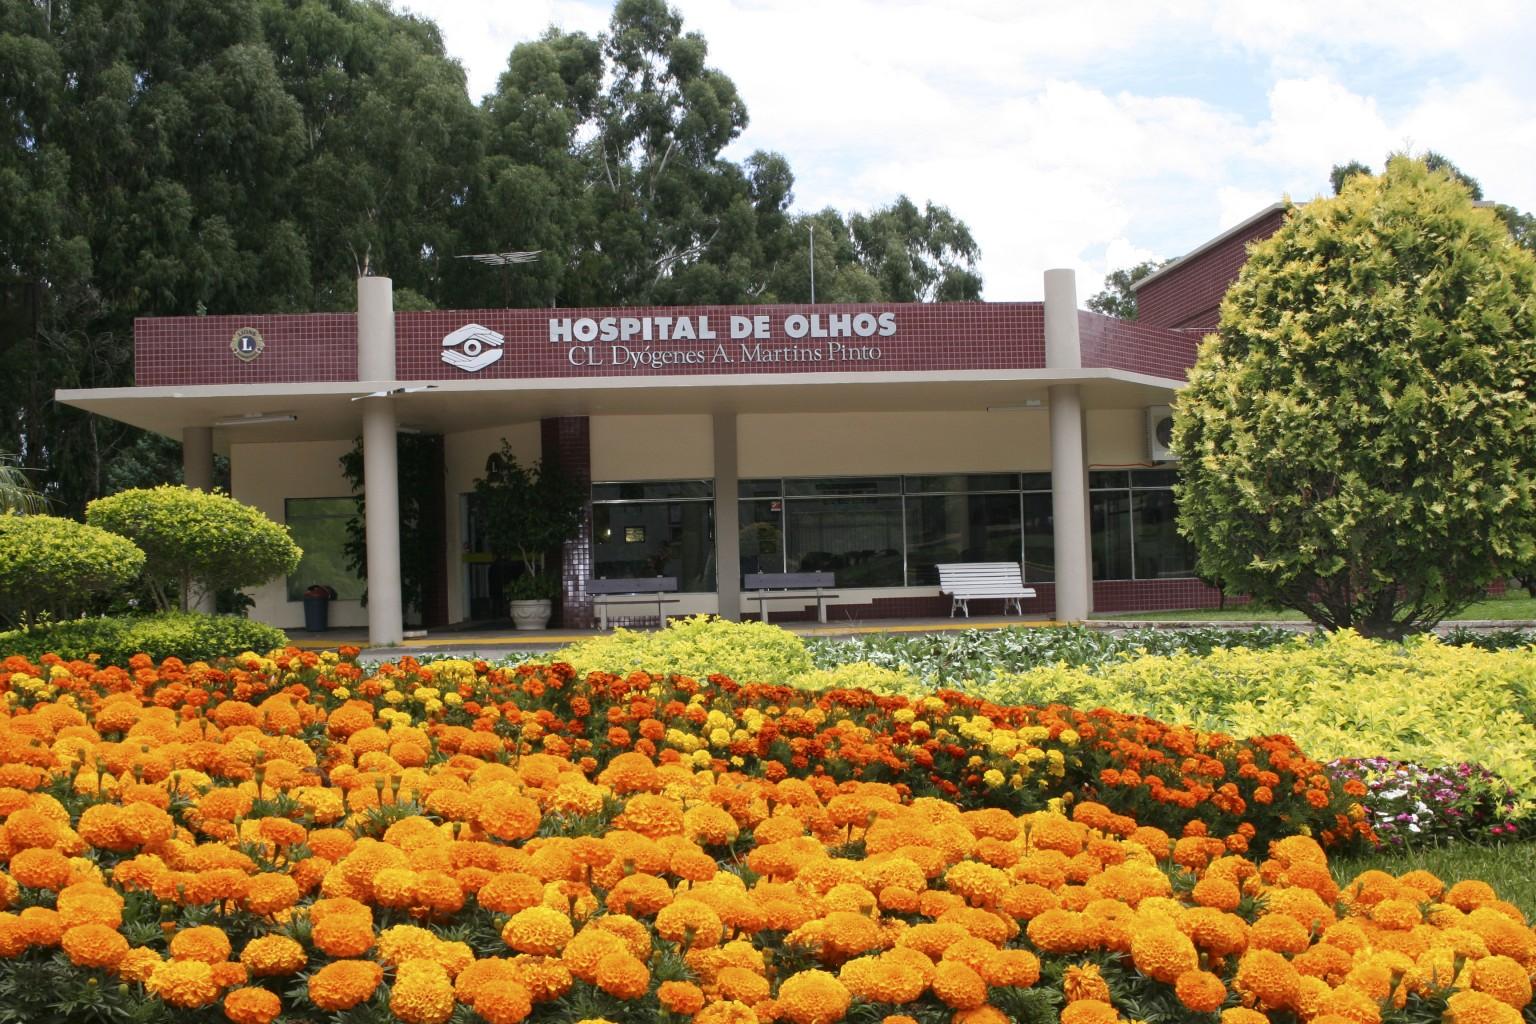 Confira os horários de atendimento do Hospital de Olhos Lions neste fim de ano